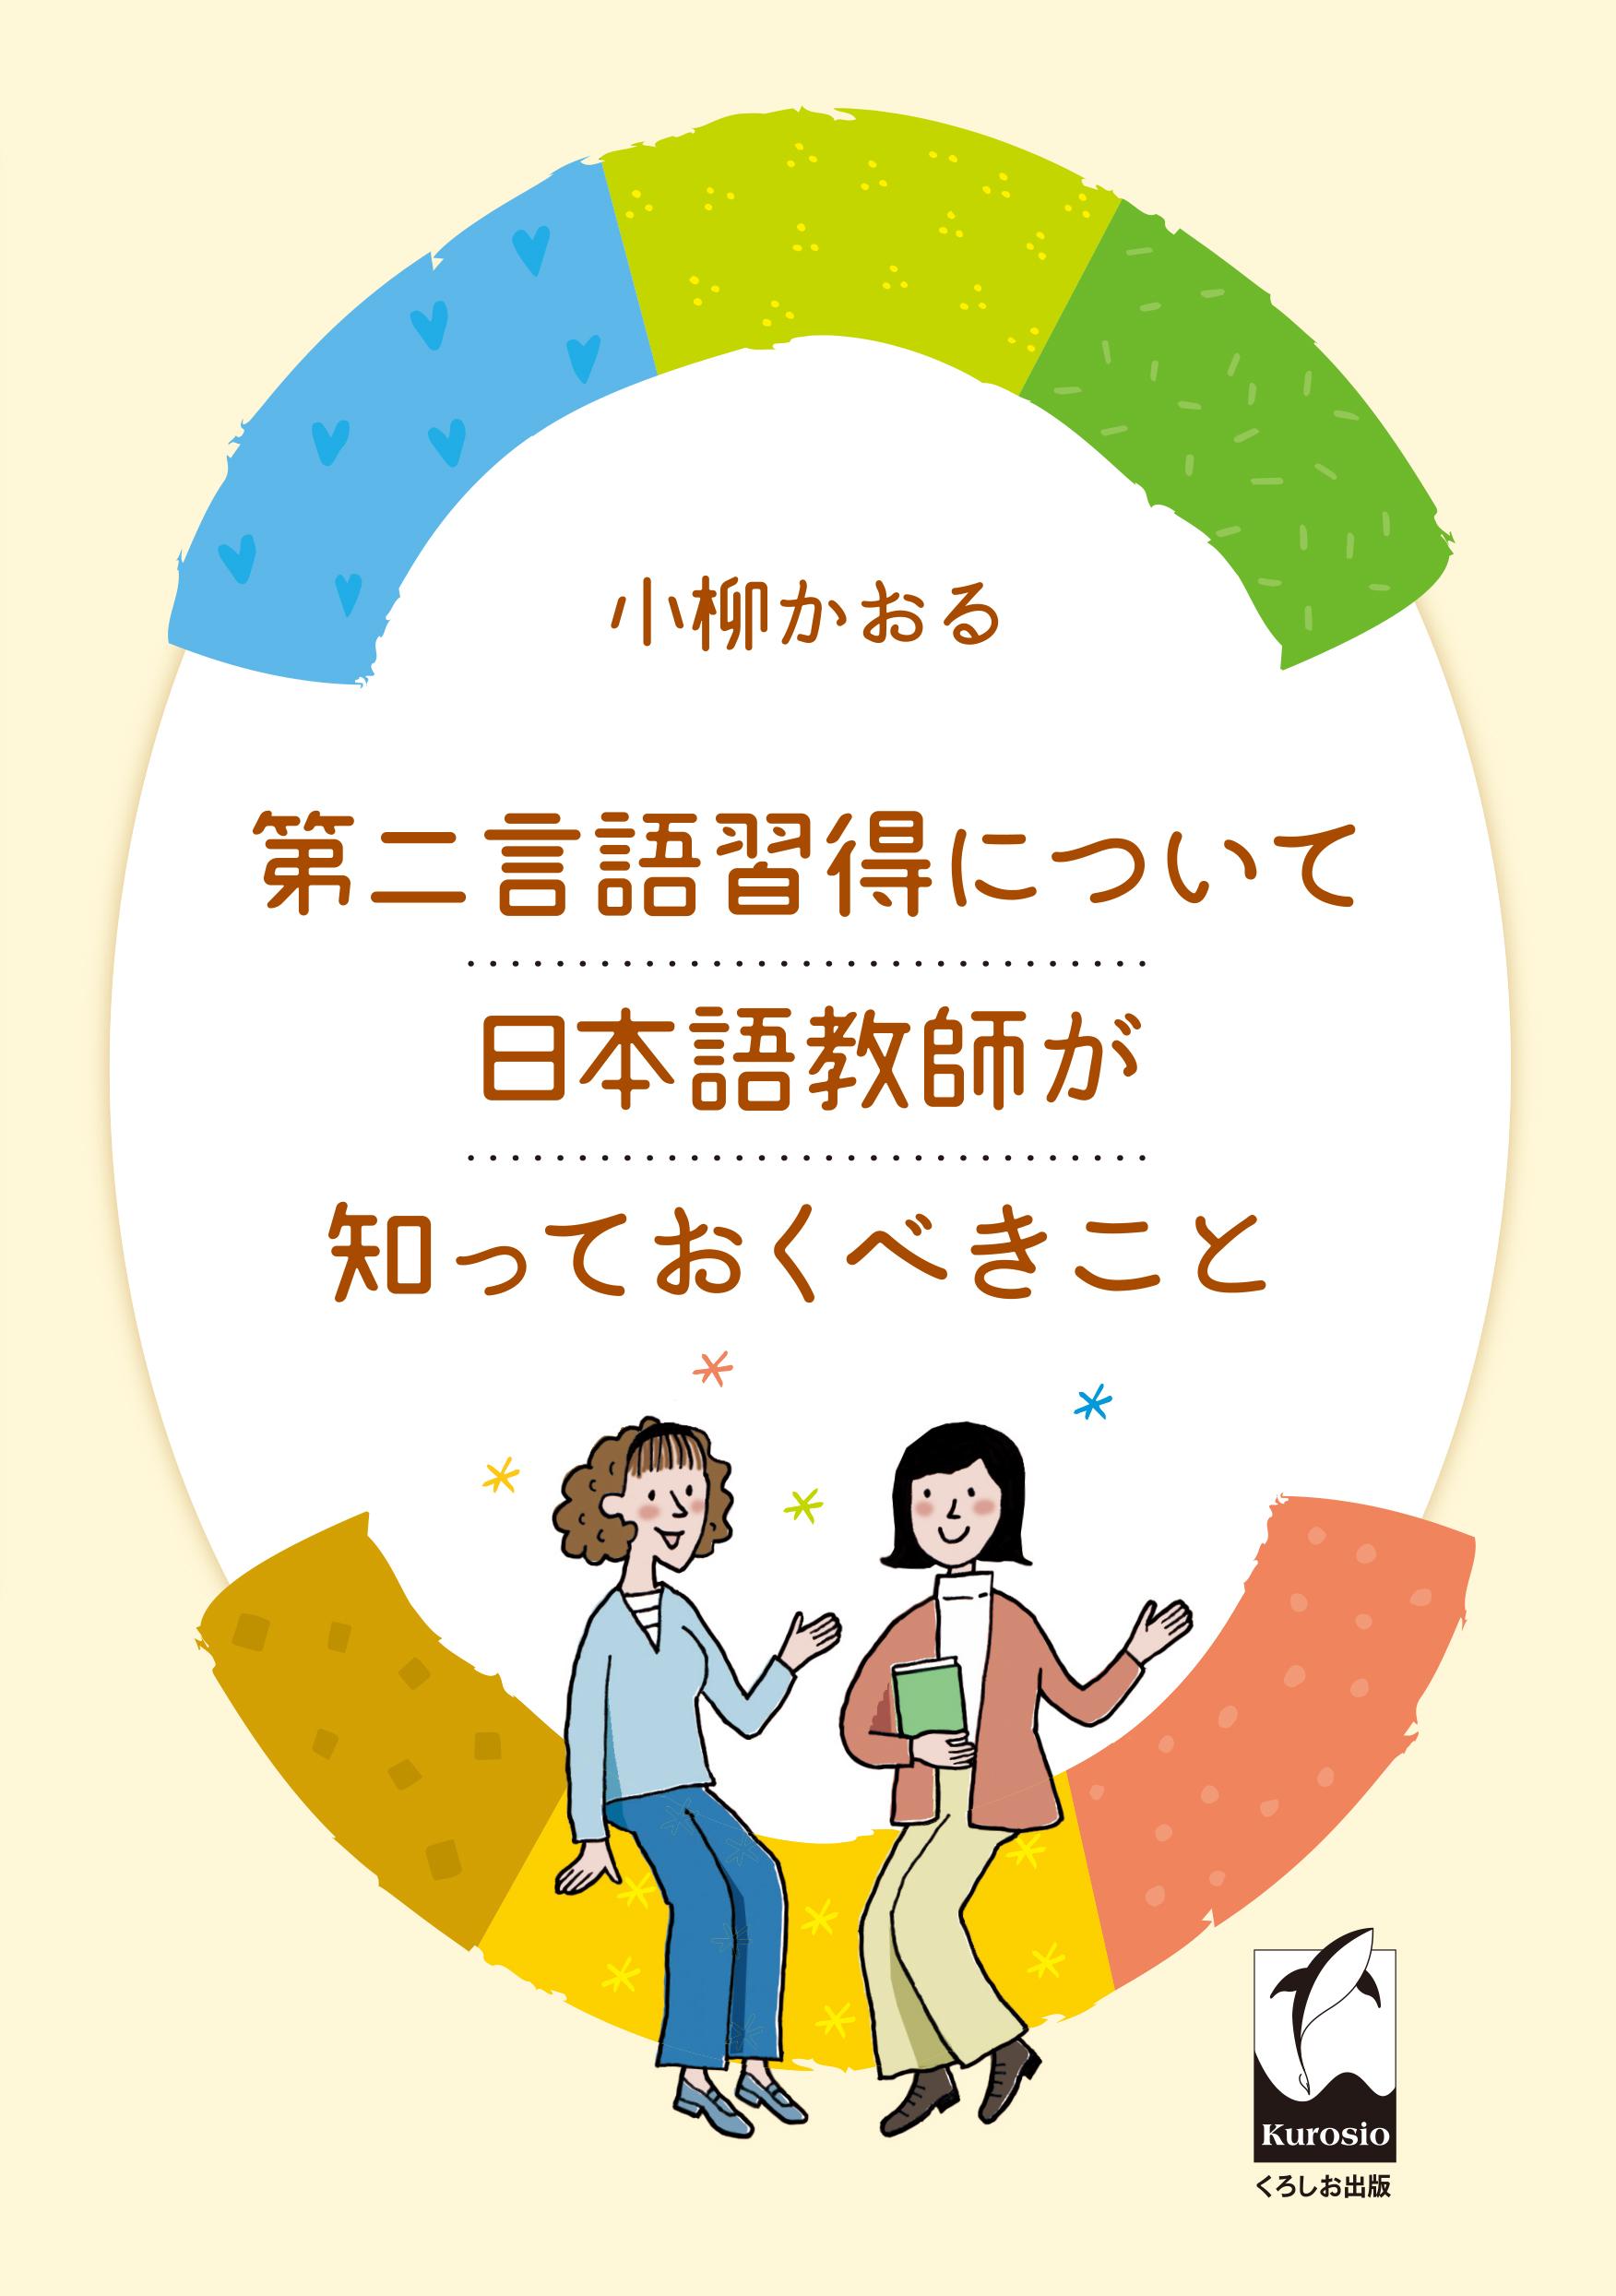 第二言語習得について日本語教師が知っておくべきこと画像